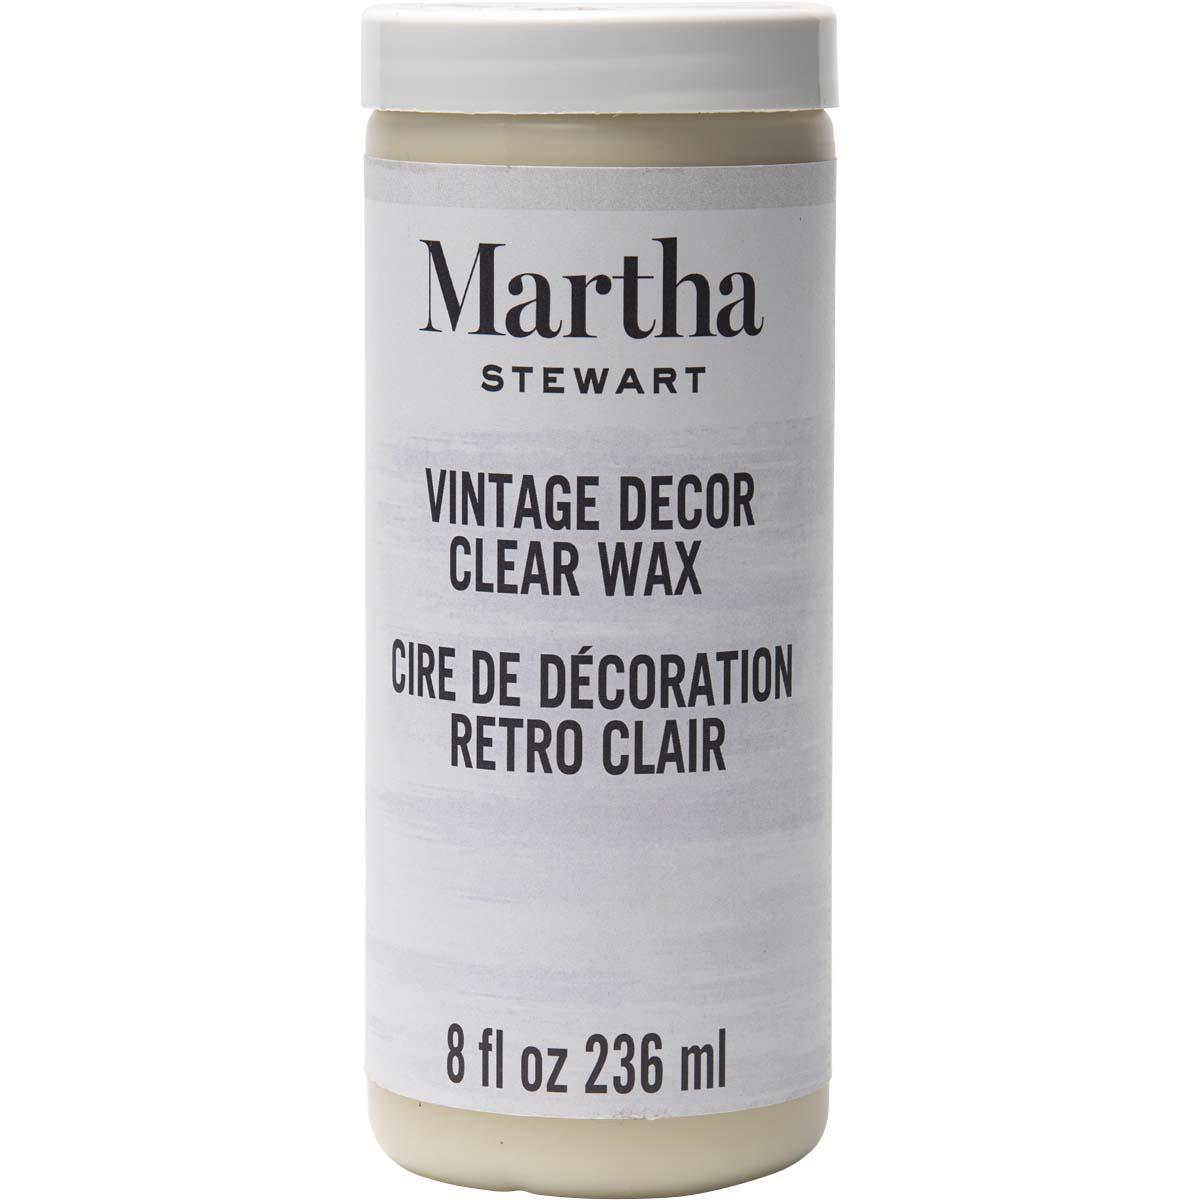 Martha Stewart ® Vintage Decor Wax - Clear, 8 oz.